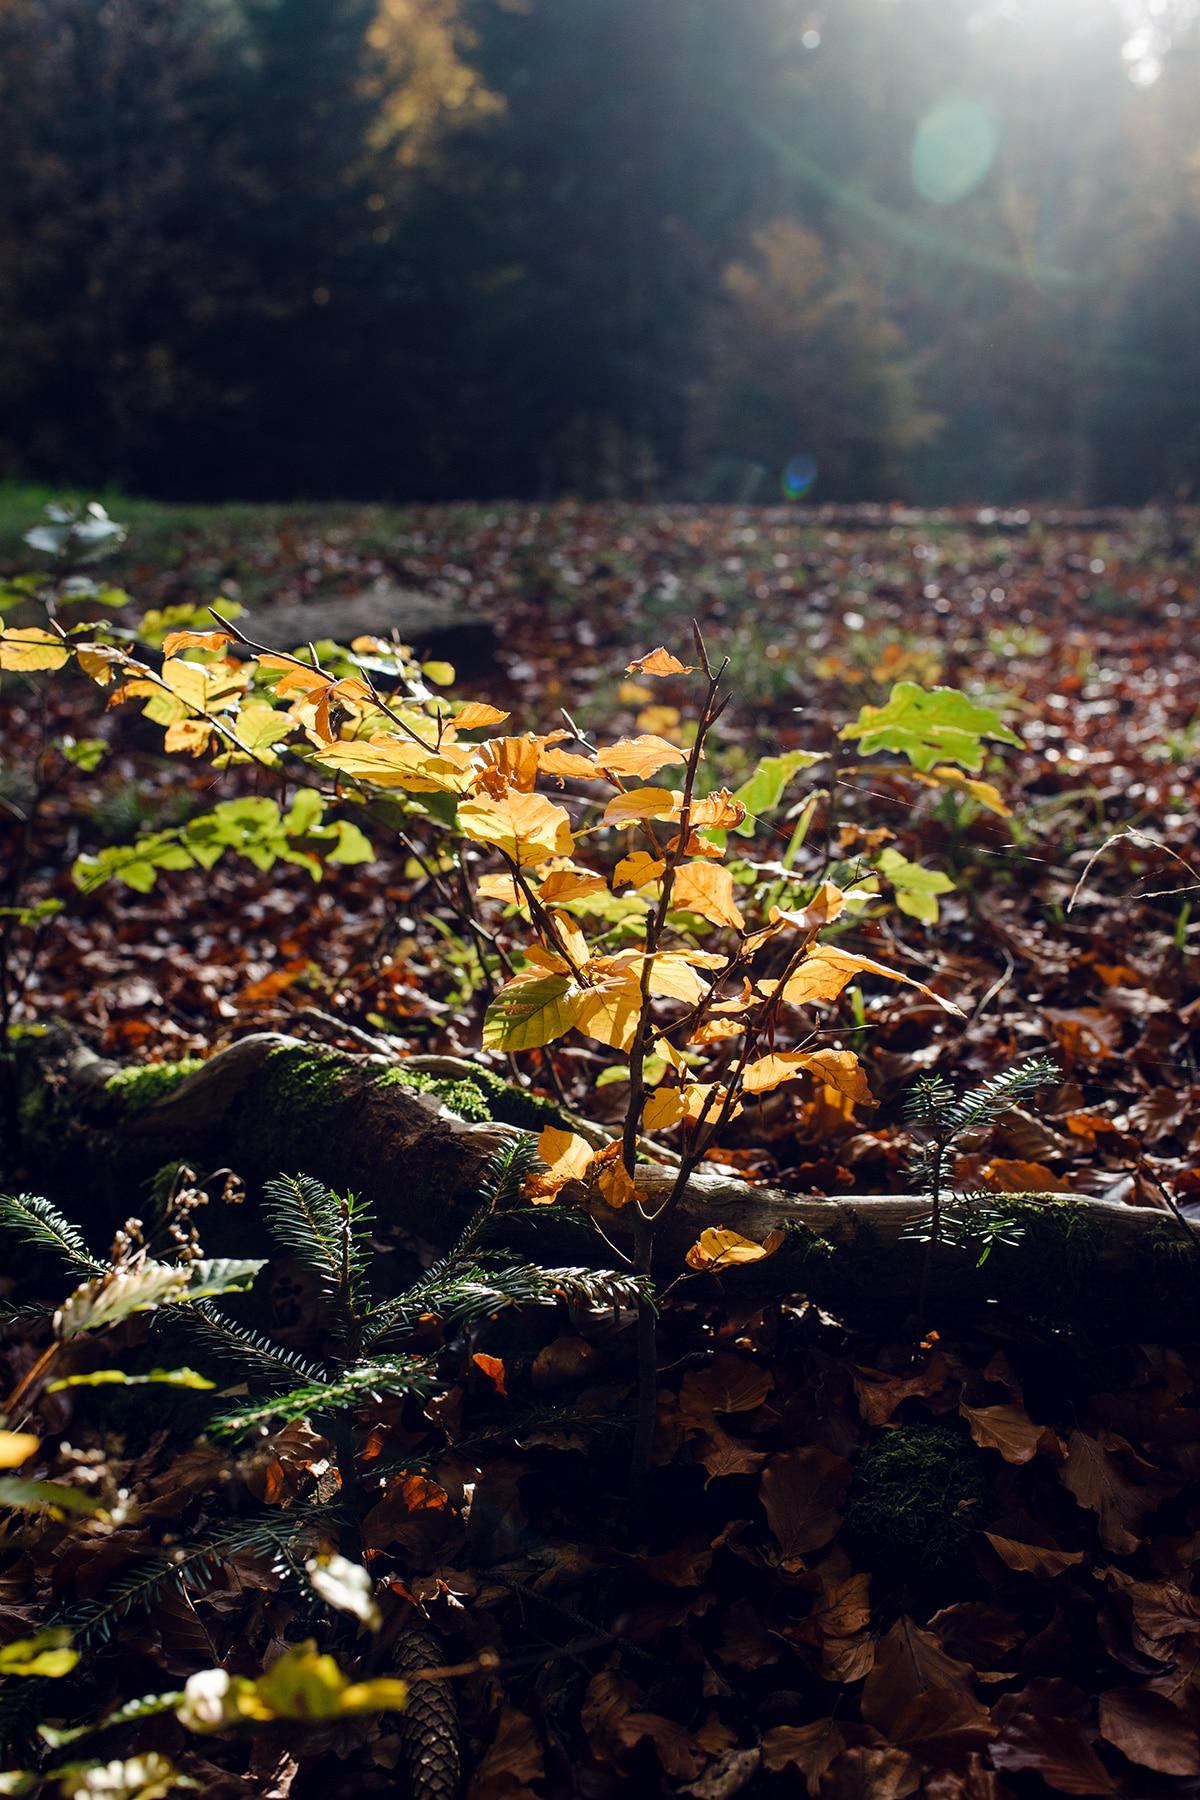 Branche d'un arbuste aux feuilles jaunes, poussant au ras du sol au milieu d'un lit de feuilles mortes – Promenade automnale dans la forêt de Petinesca